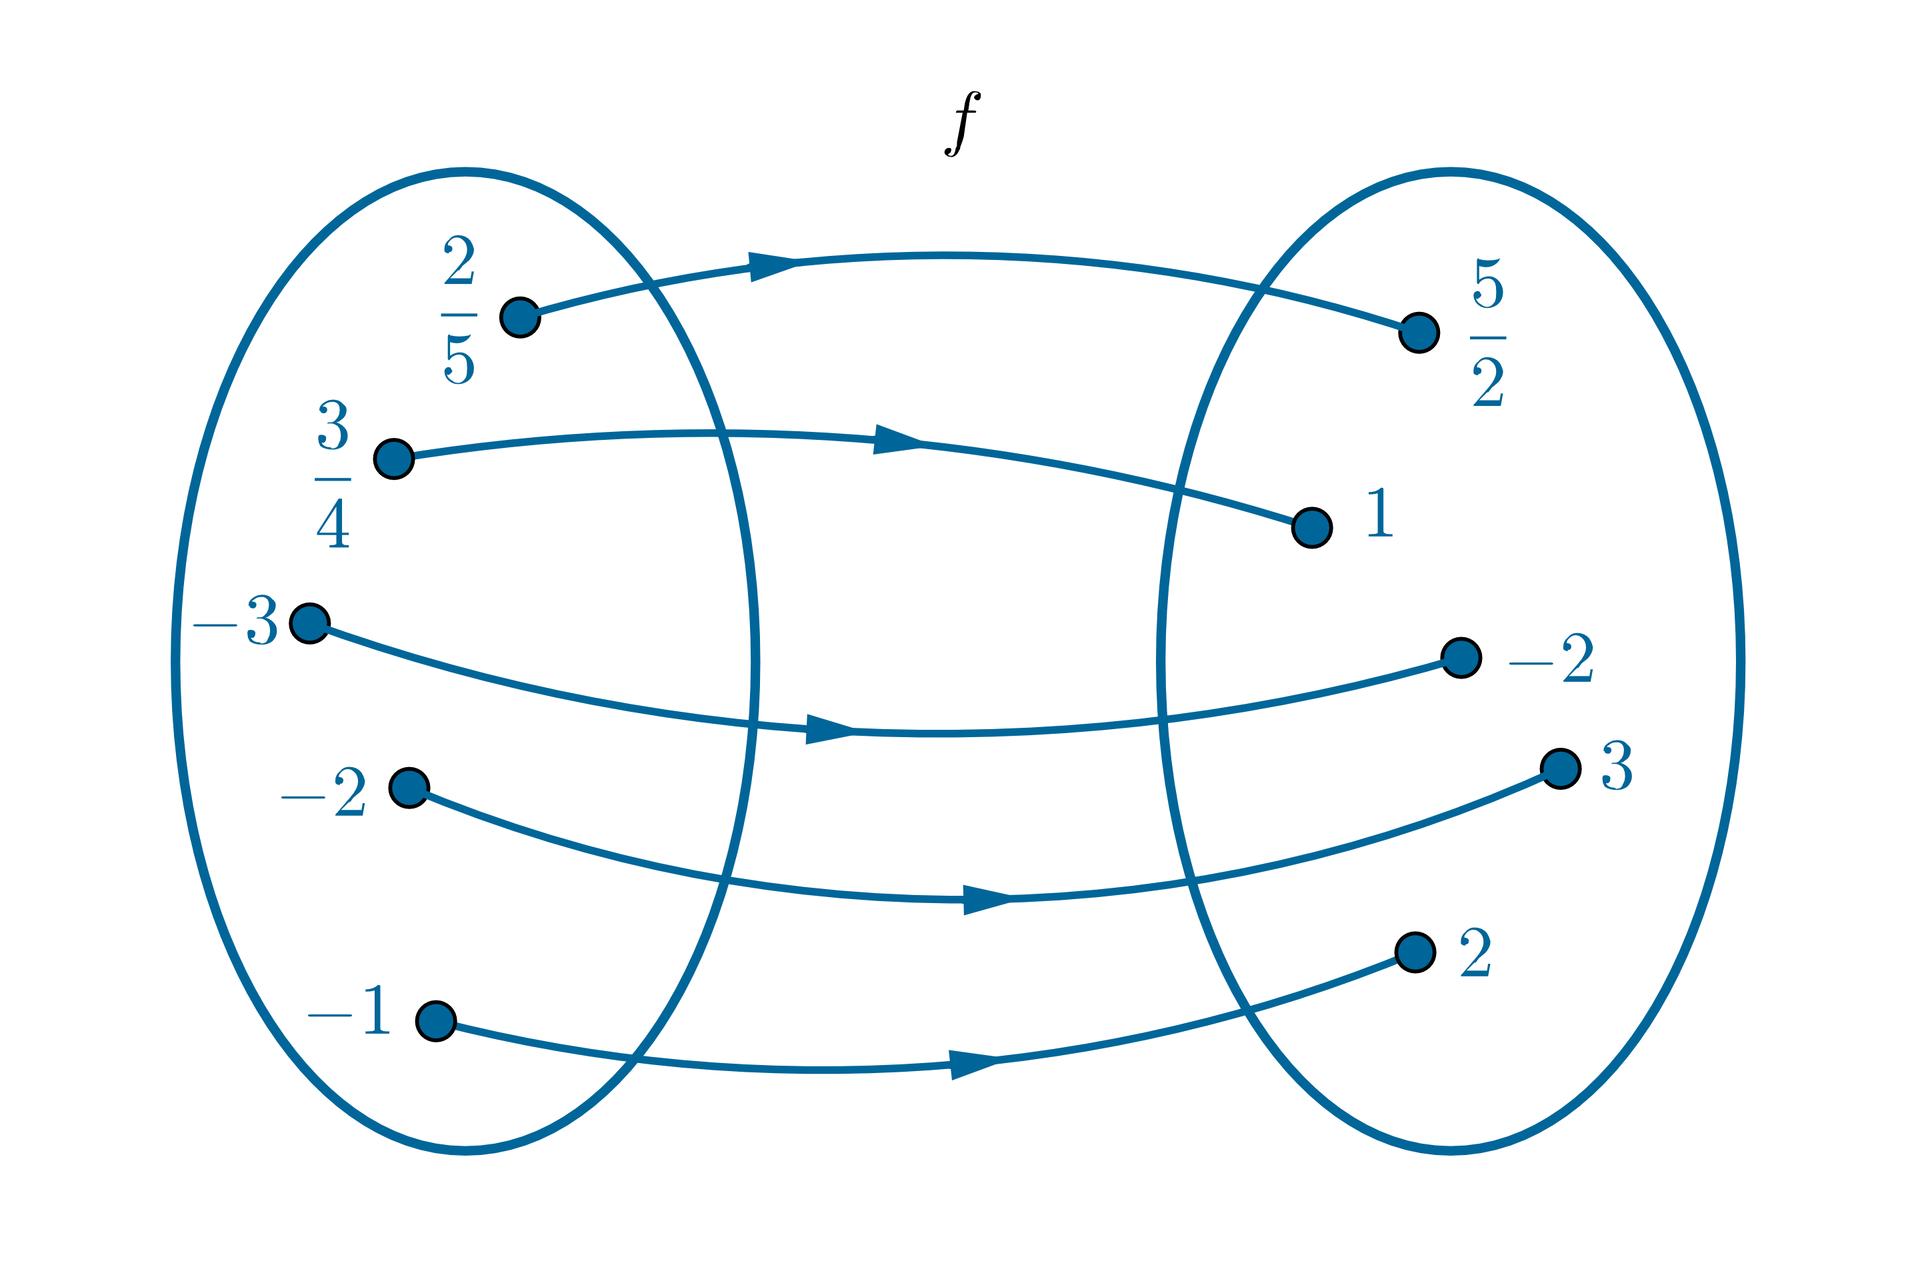 Graf pokazuje przyporządkowanie. Argumentowi dwie piąte przyporządkowano wartość pięć drugich. Argumentowi trzy czwarte przyporządkowano wartość 1. Argumentowi -3 przyporządkowano wartość -2. Argumentowi -2 przyporządkowano wartość 3. Argumentowi -1 przyporządkowano wartość 2.